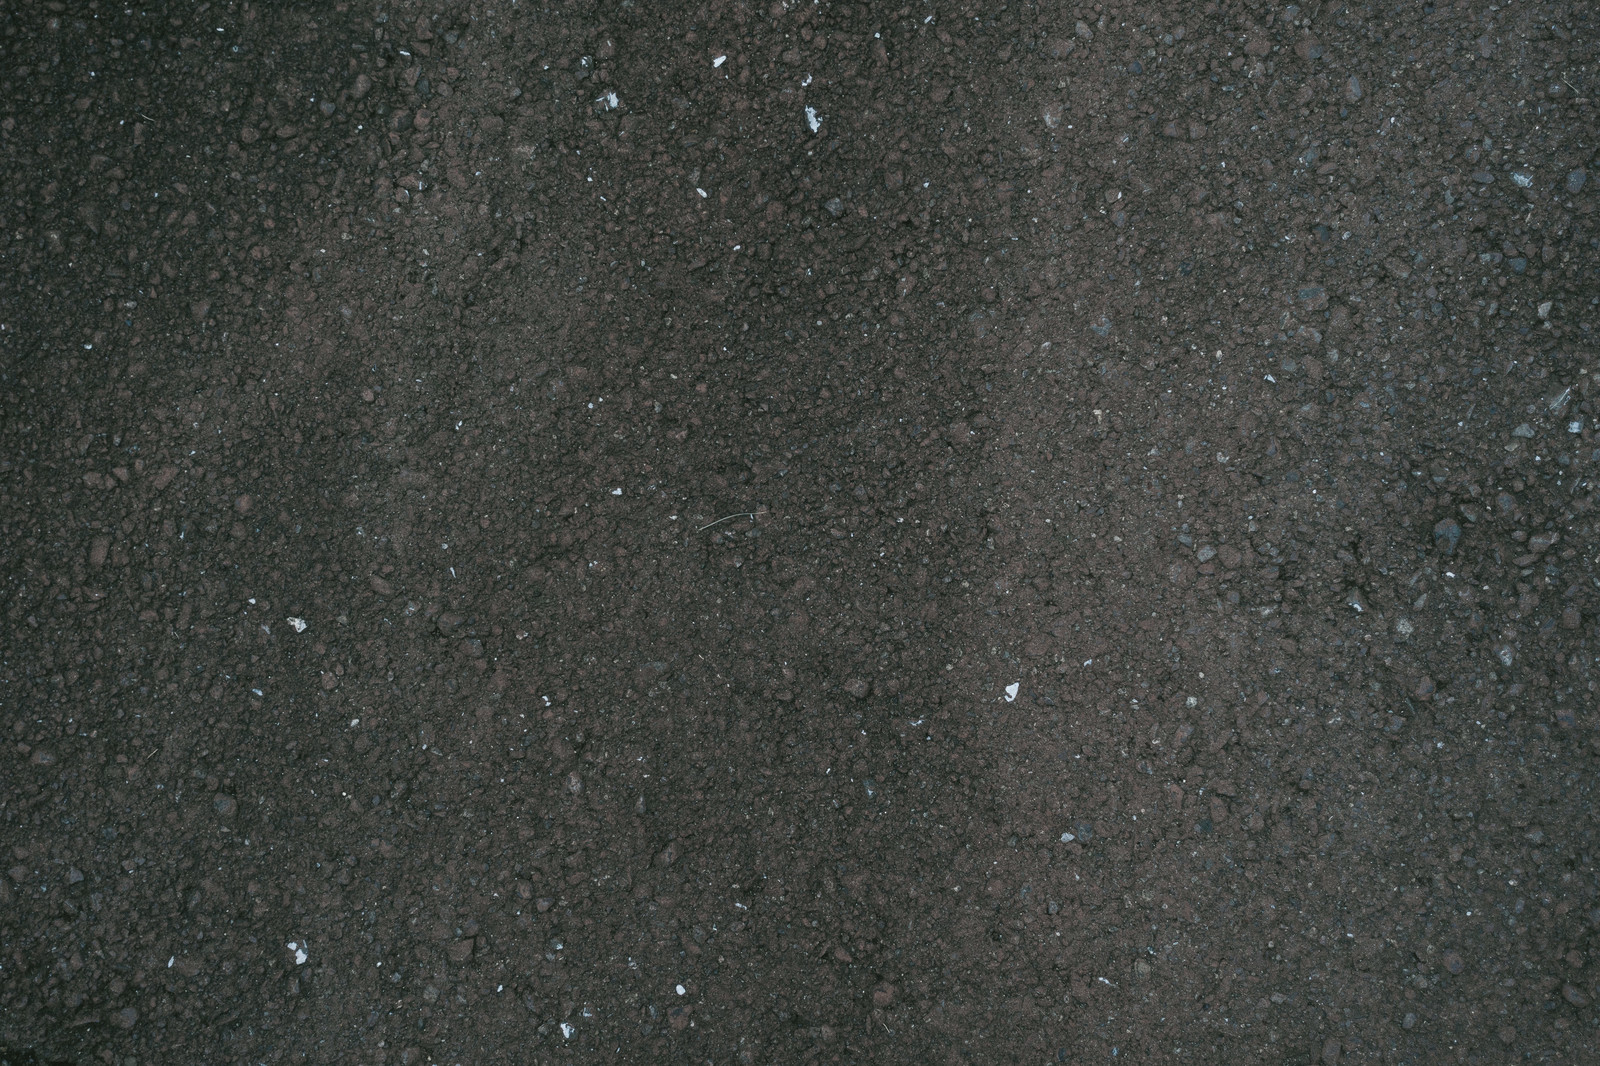 「コンクリートの地面(テクスチャ)」の写真